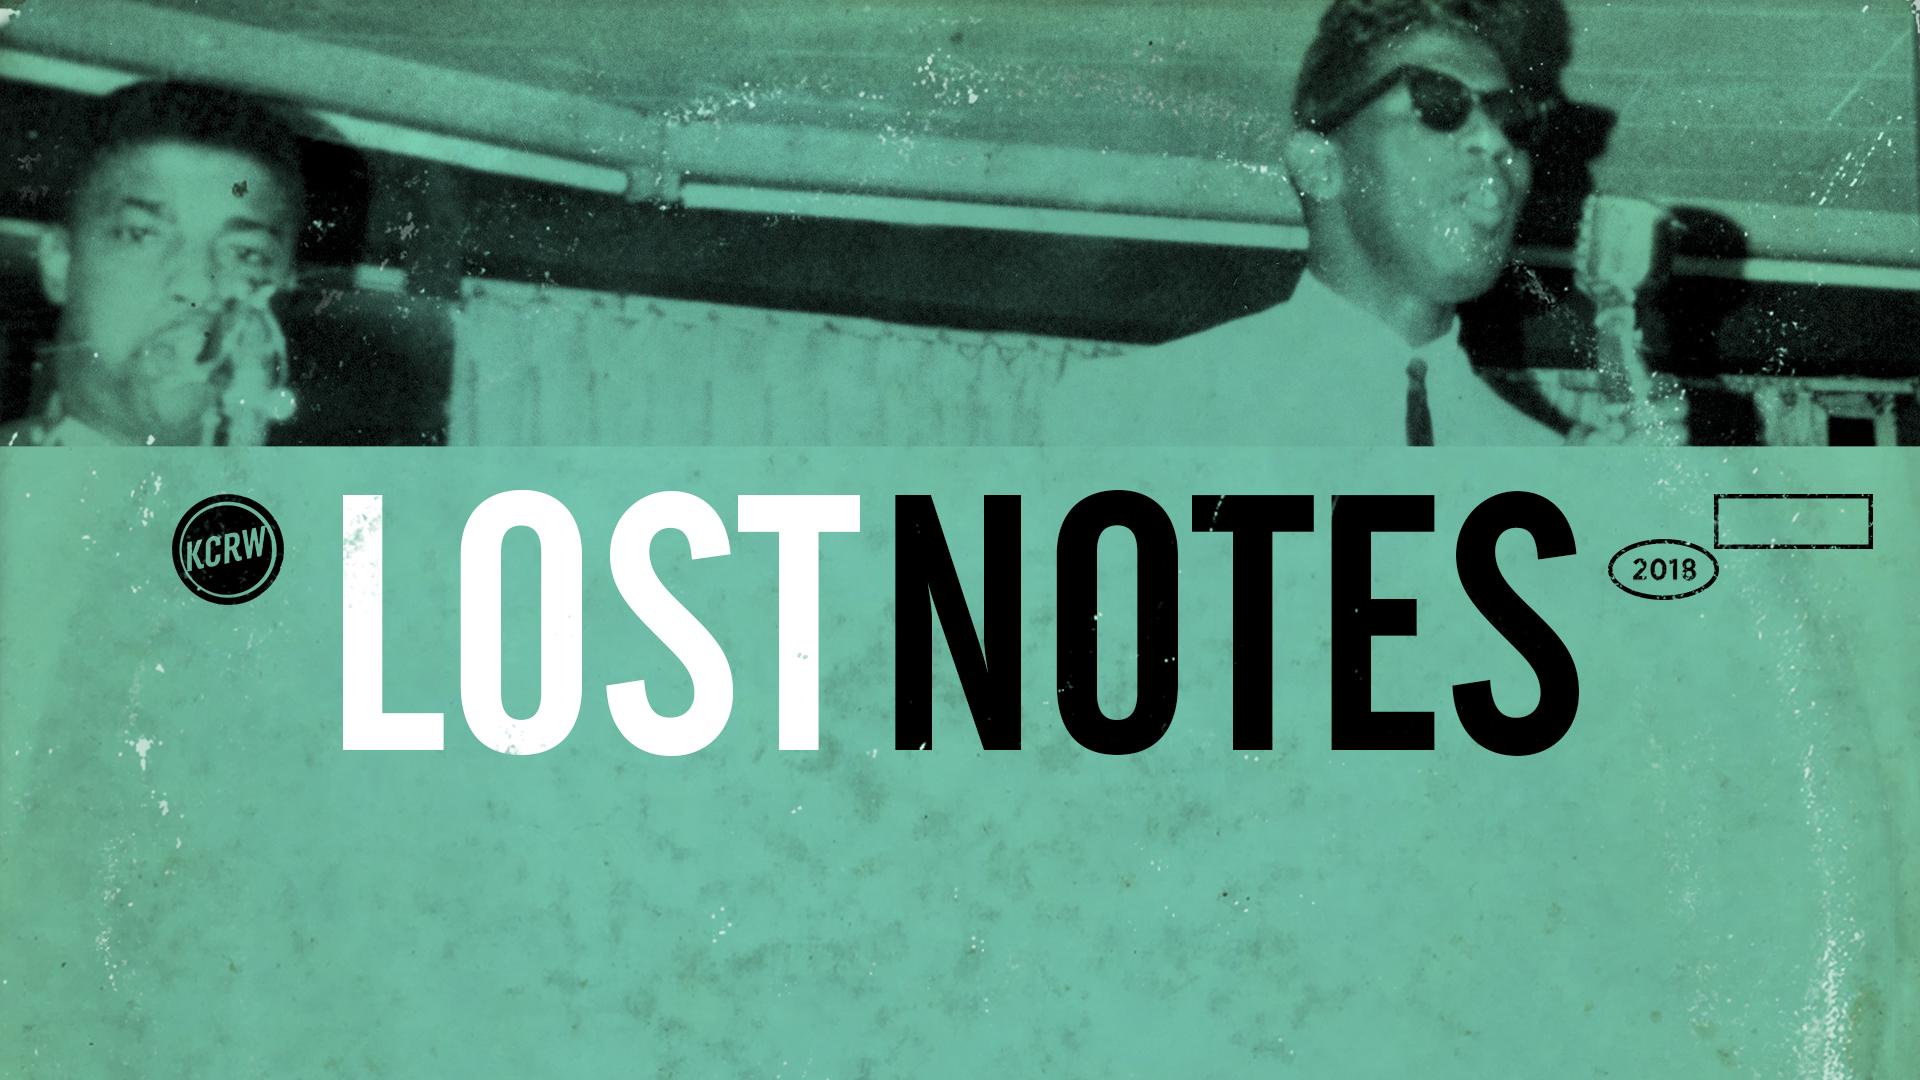 lost-notes-blog-header.jpg